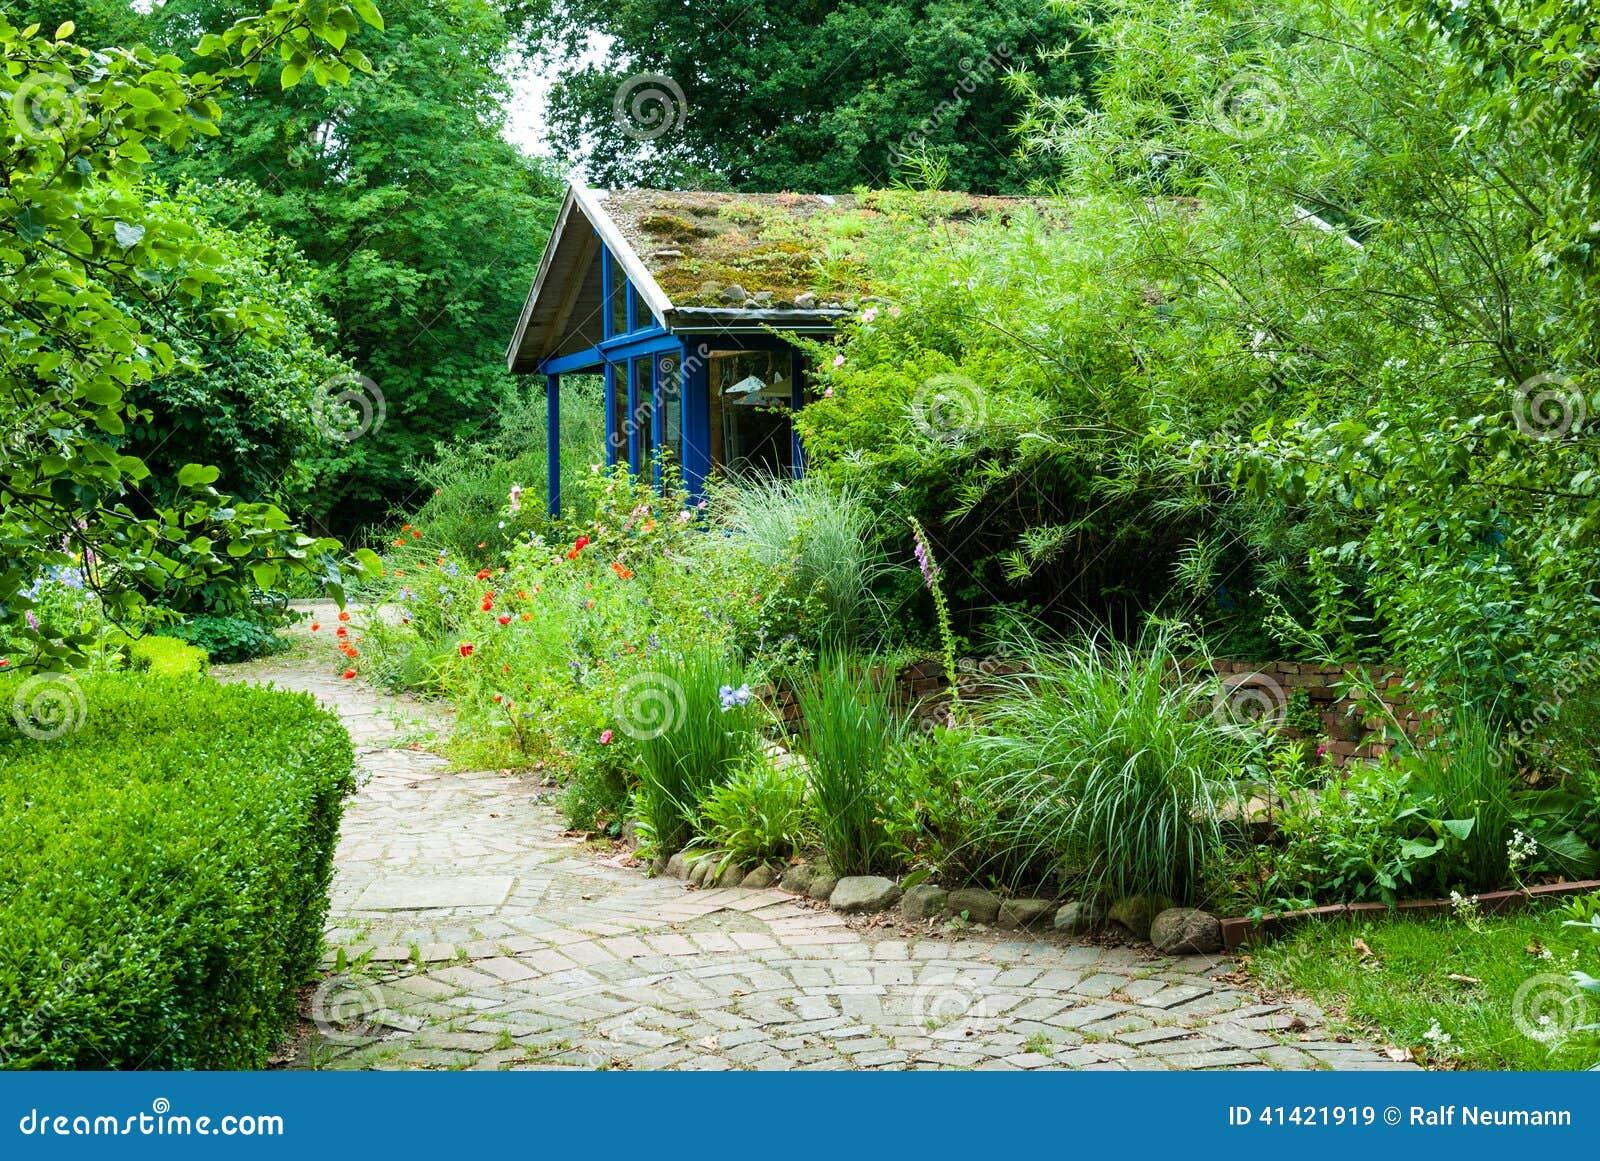 Chemin et cottage dans le jardin naturel image stock for Le jardin naturel